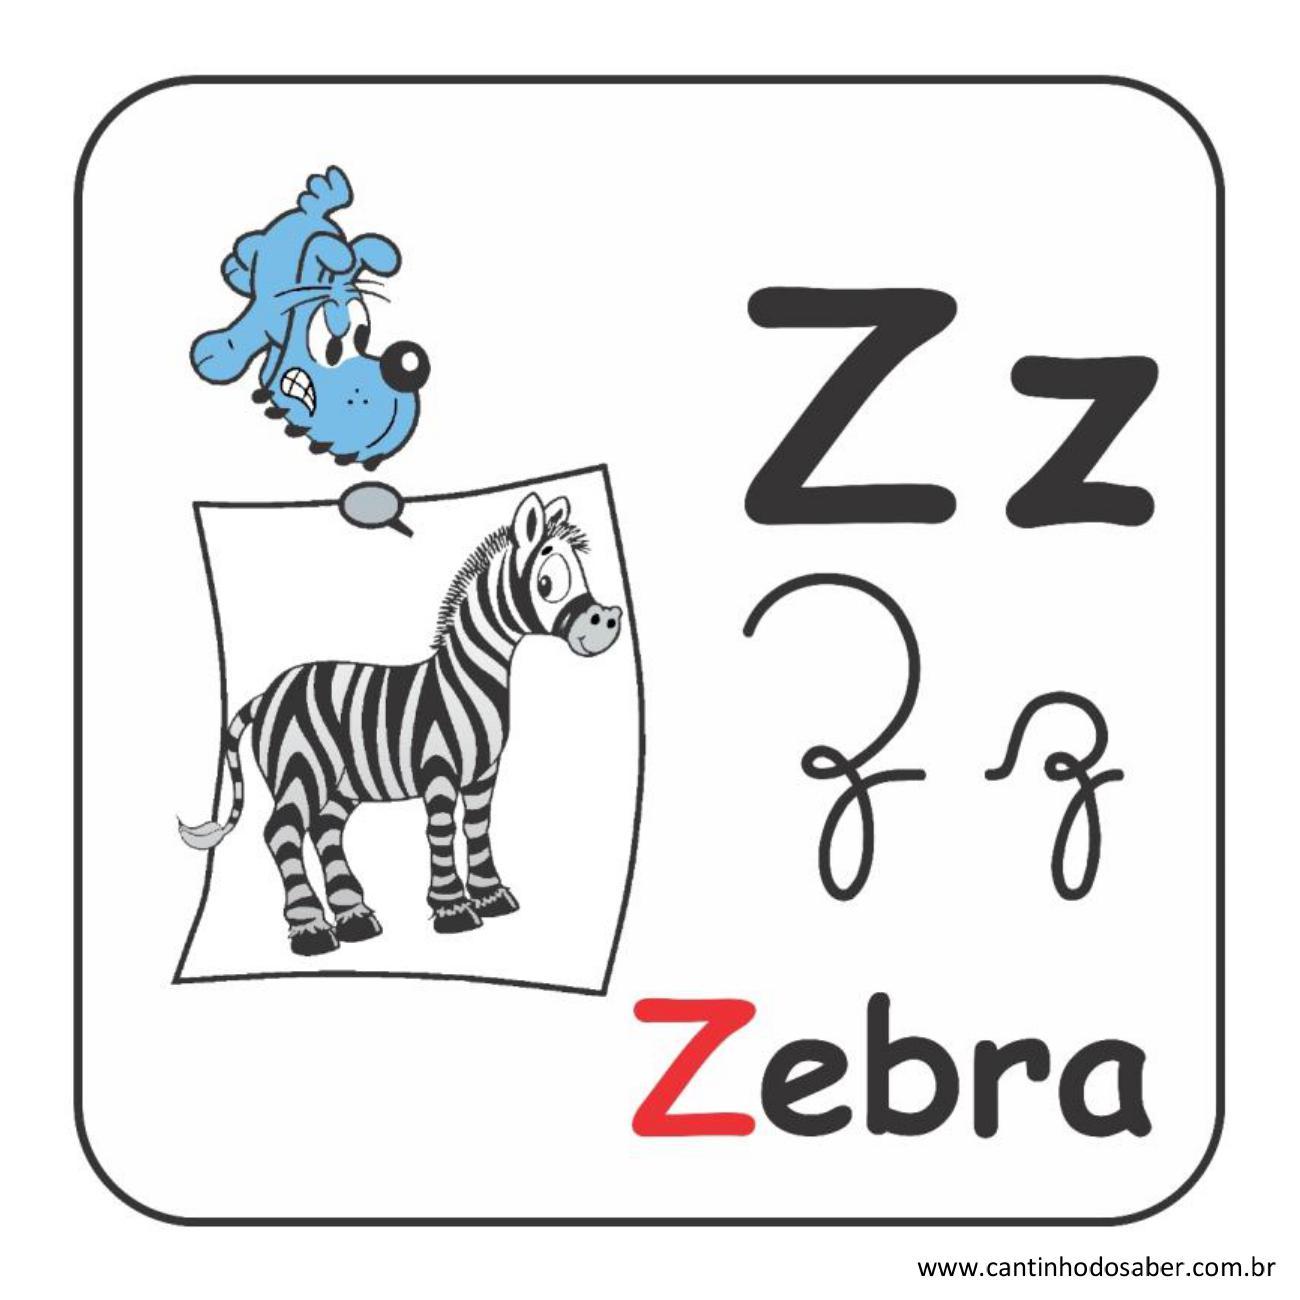 Alfabeto da turma da mônica em letra bastão e cursiva letra z